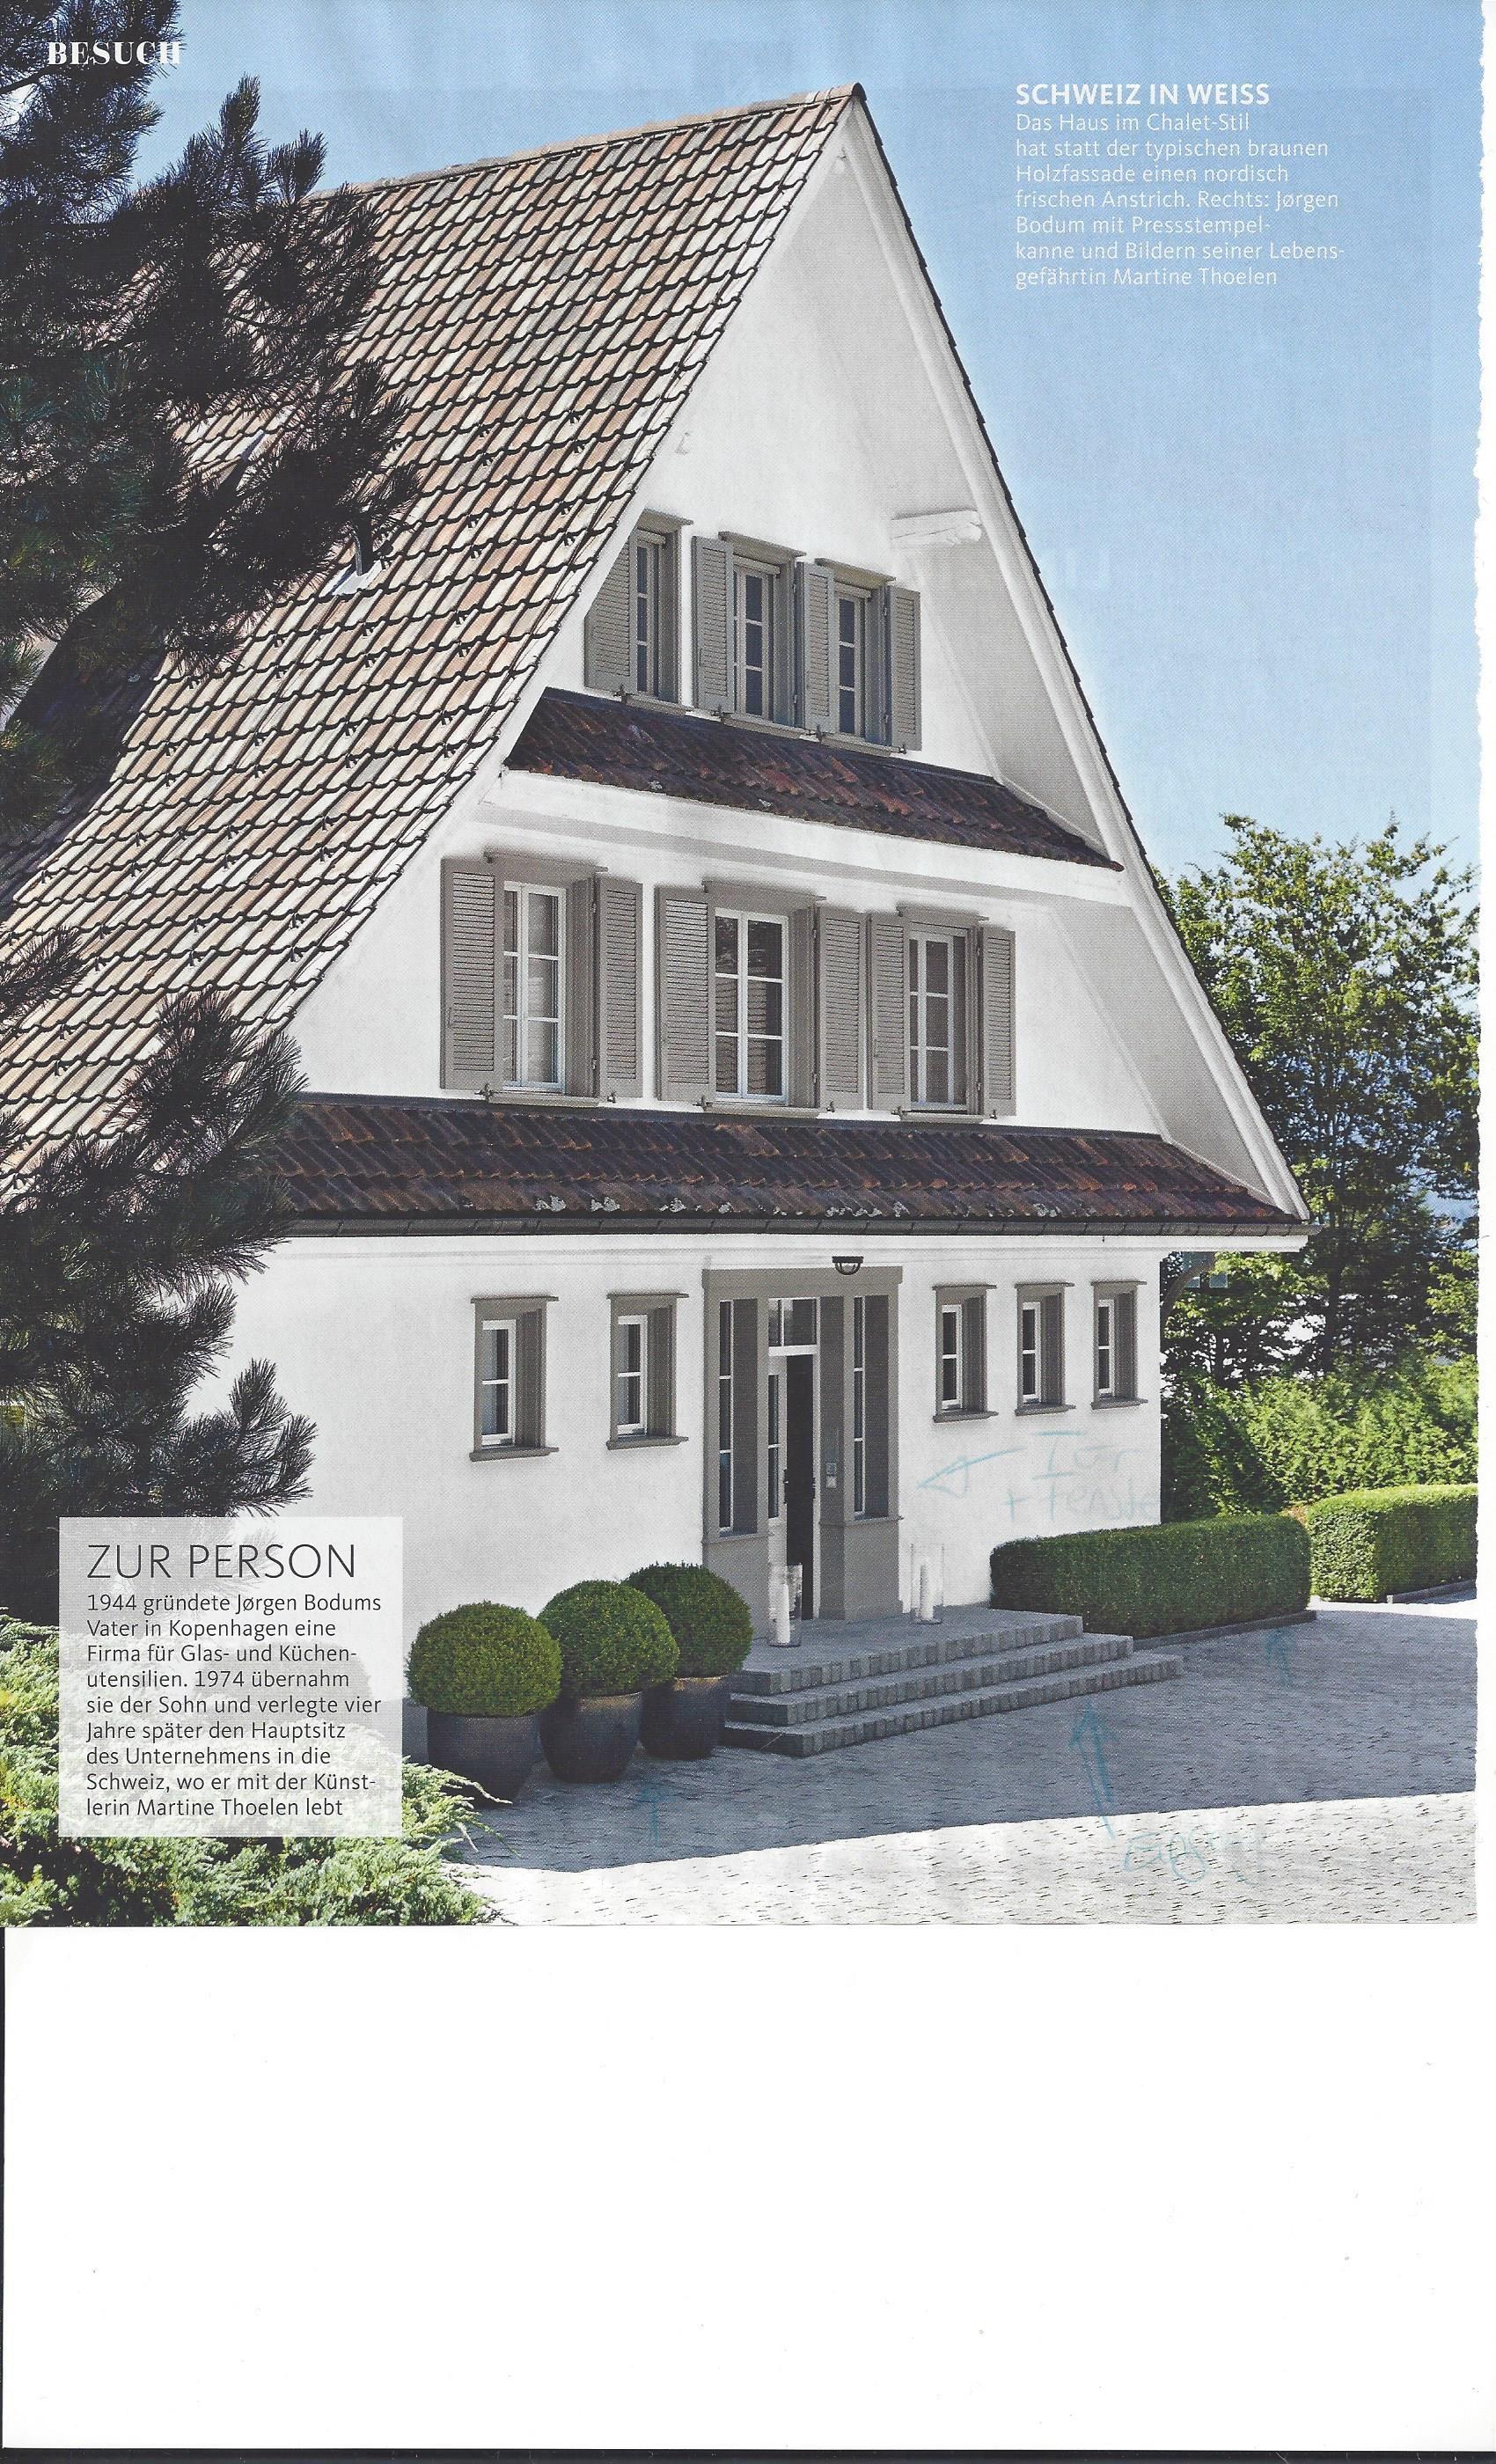 tolles Haus vom Bodum-Gründer sehr schöne Tür mit seitlichen Fenster ...